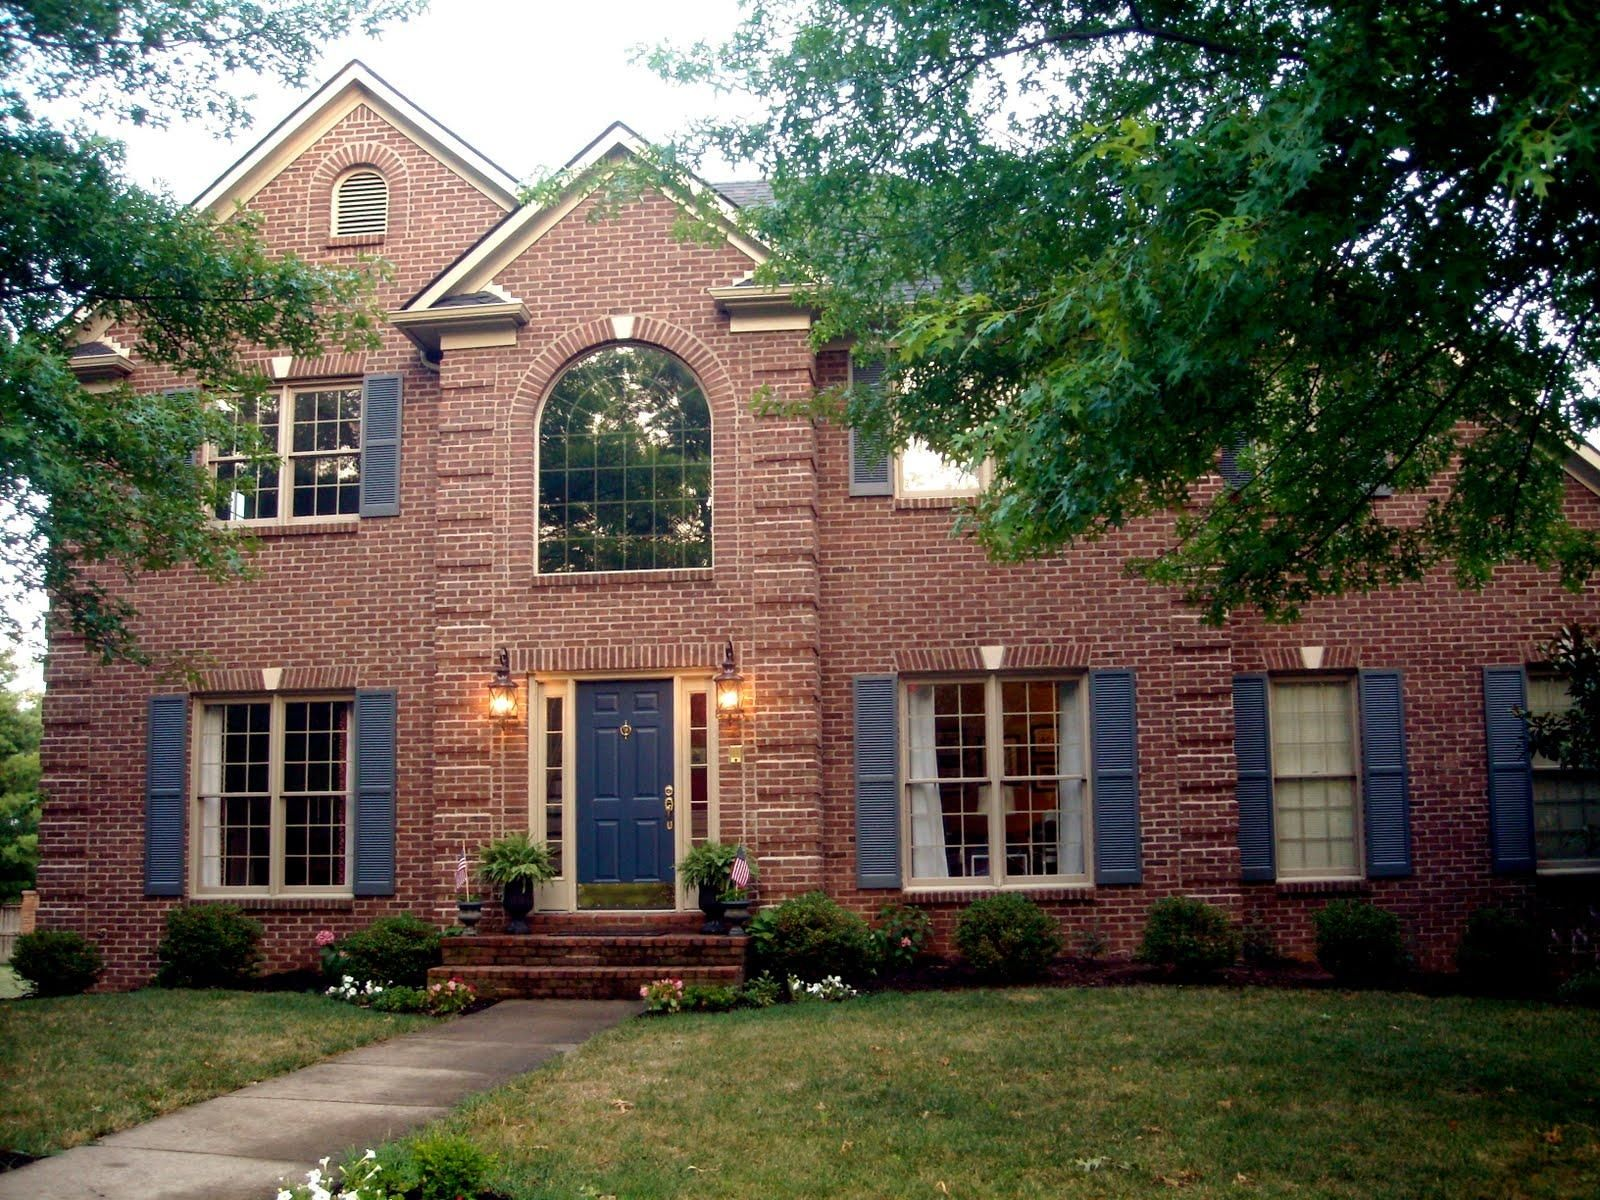 Red-brick-house-trim-color-ideas-part-5-exterior-8-colors